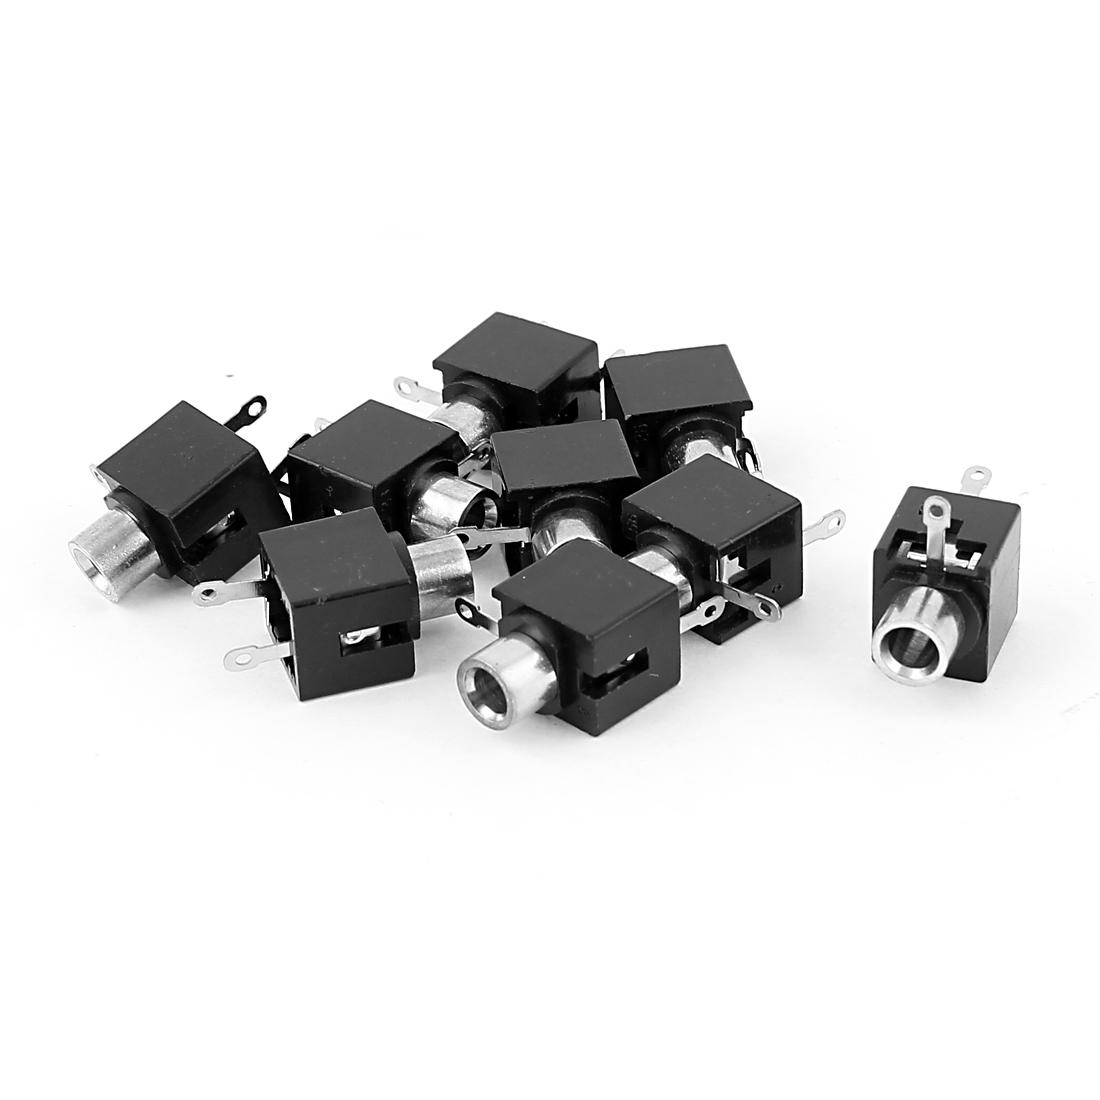 9 Pcs 3.5mm Inner Dia Jack Socket Audio Video PCB Mount Connectors